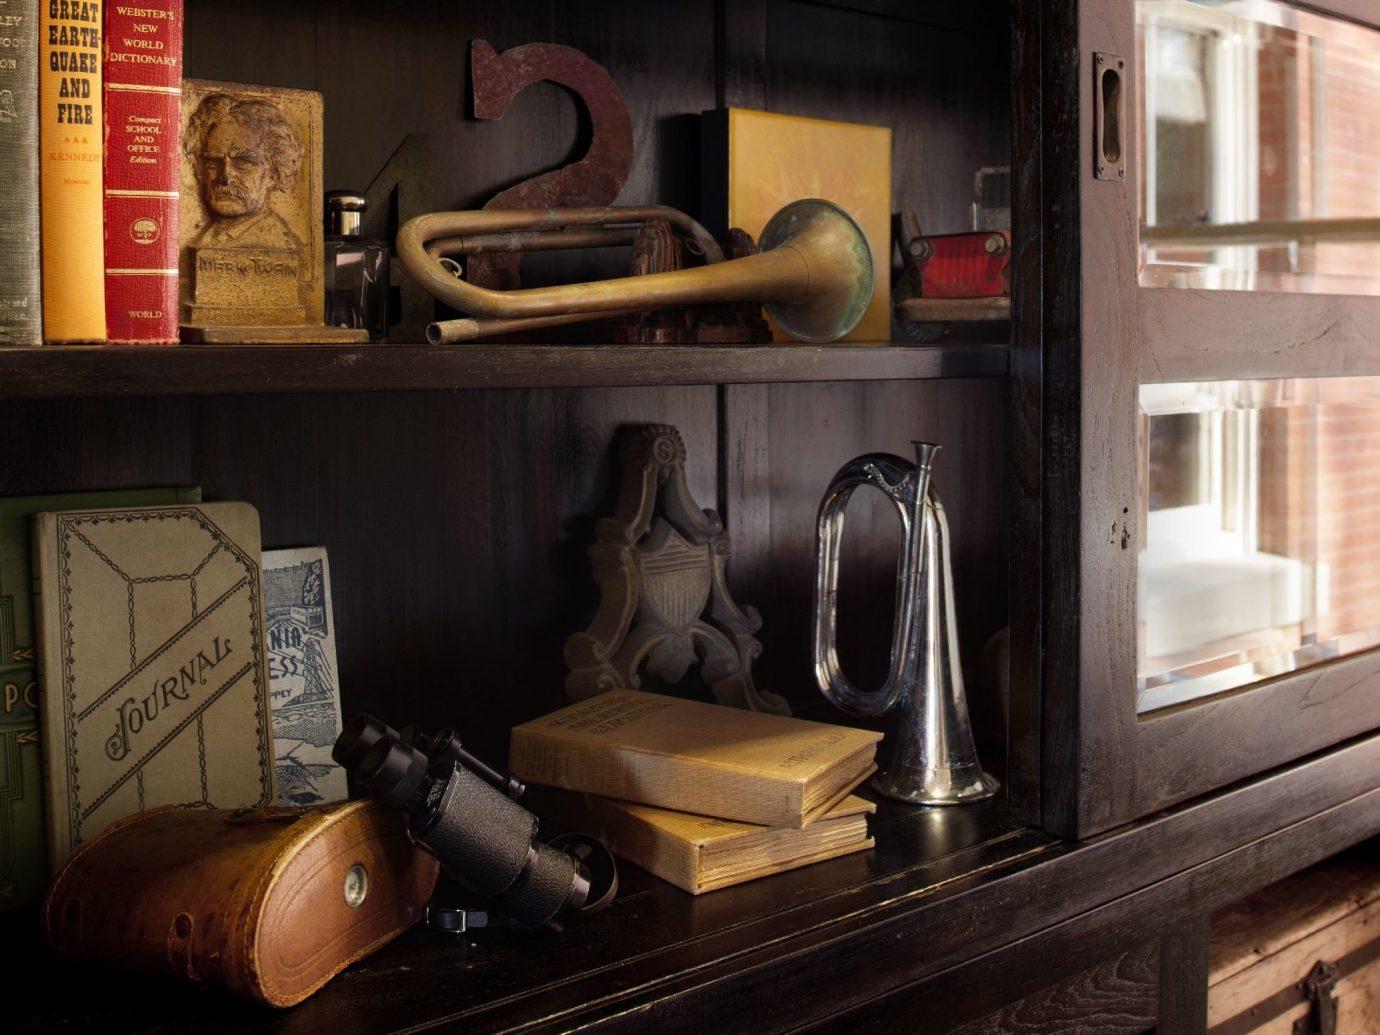 Hotels indoor room shelf living room furniture home interior design wood cluttered